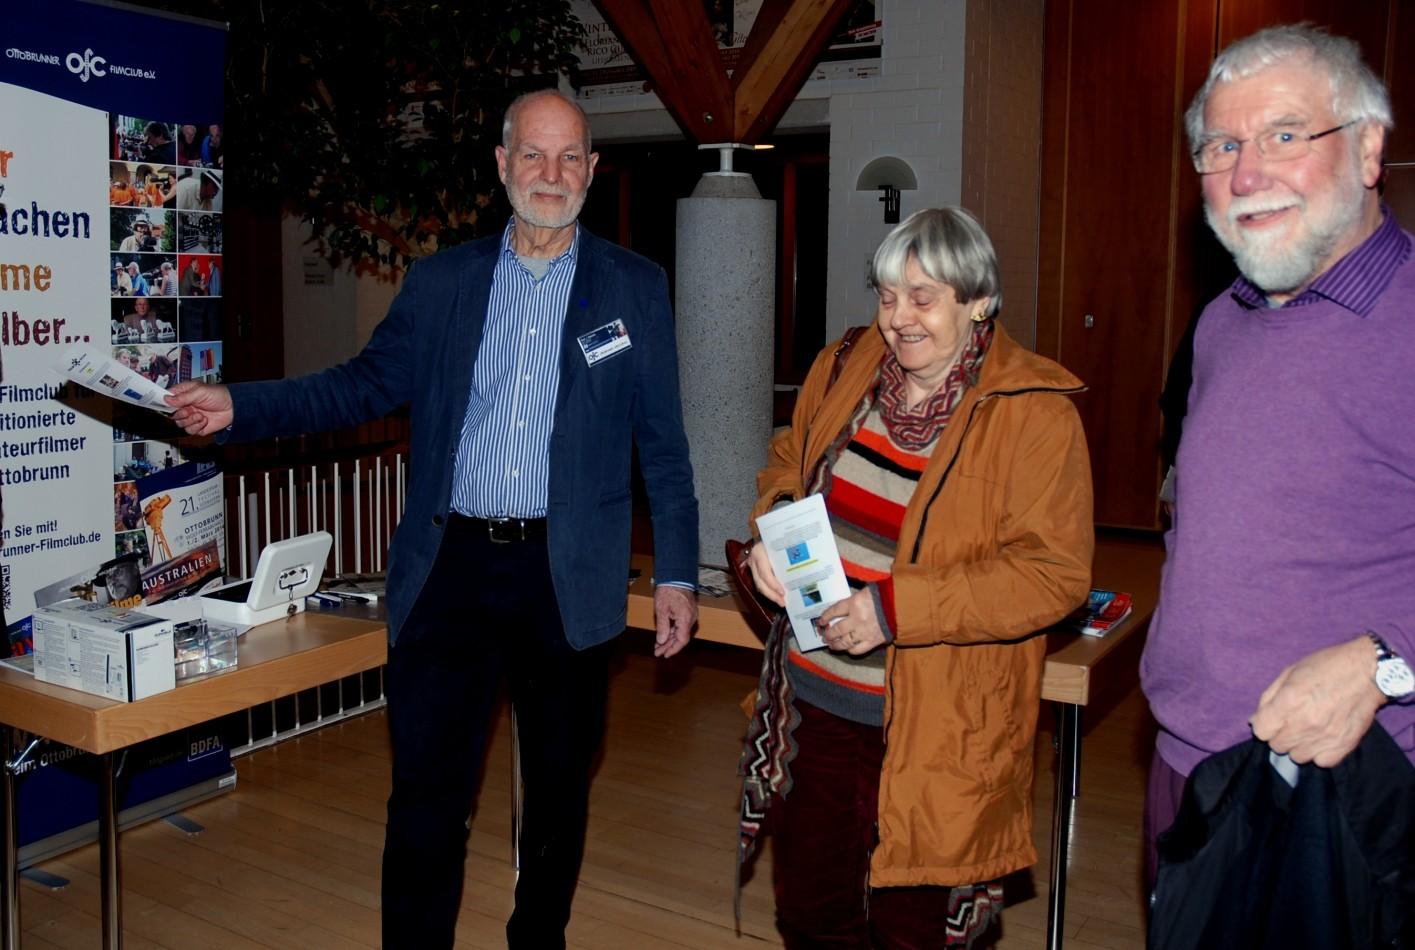 Der Clubleiter begrüßt die Ebersberger Filmfreunde